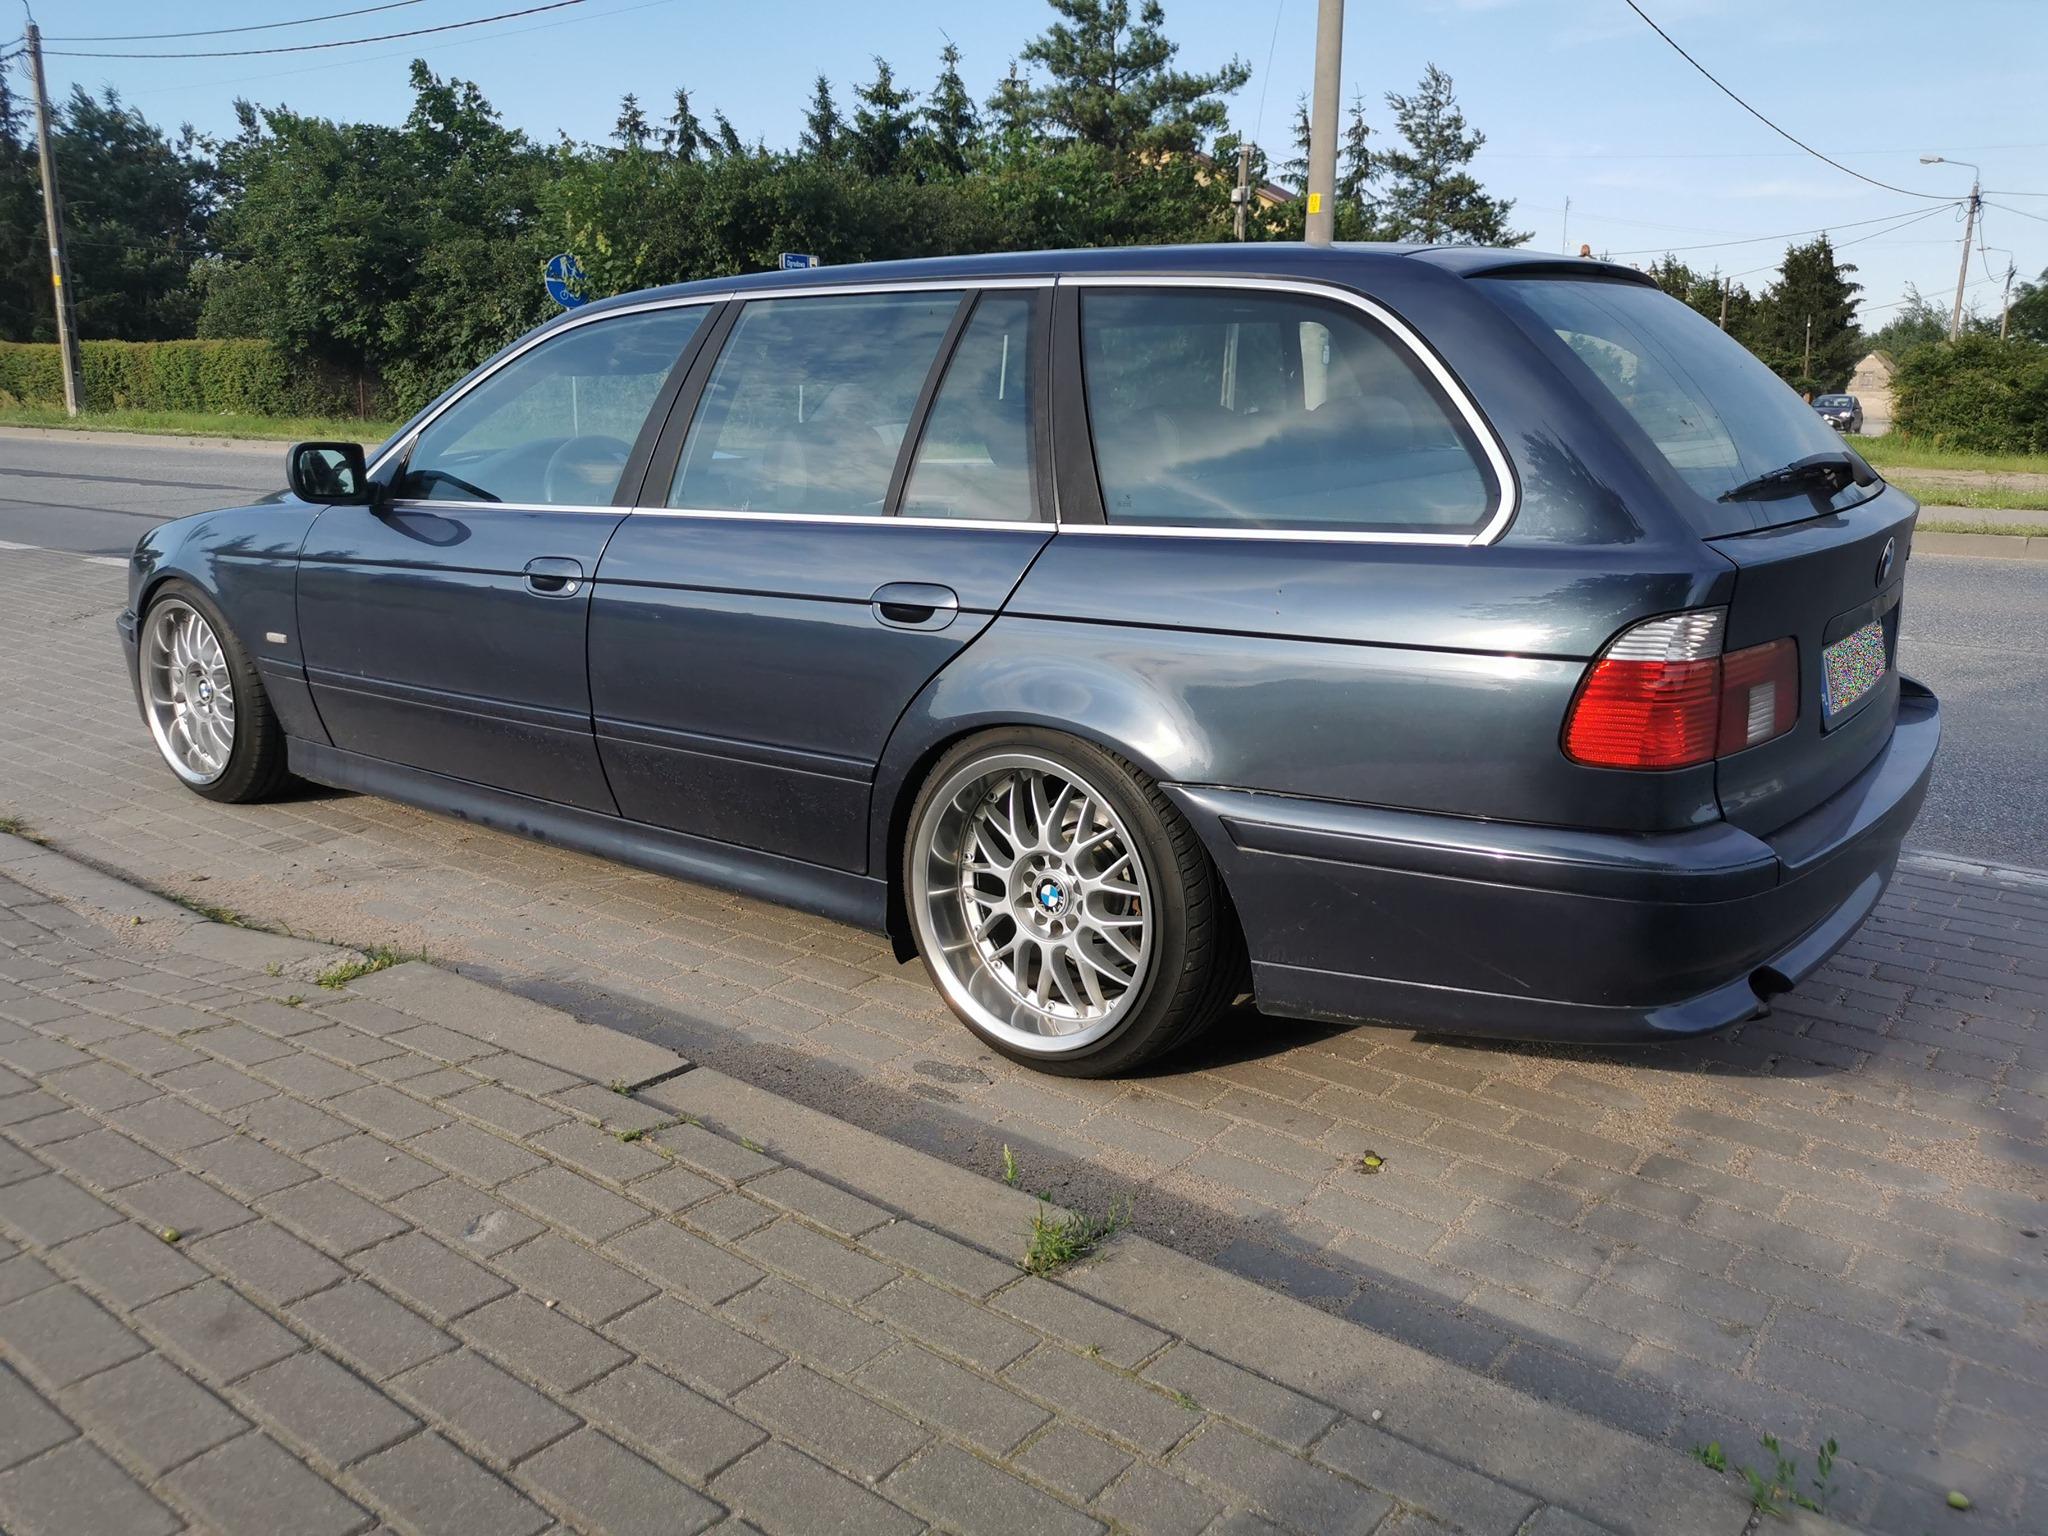 BMW E39 530D 193KM >> 243KM 541Nm